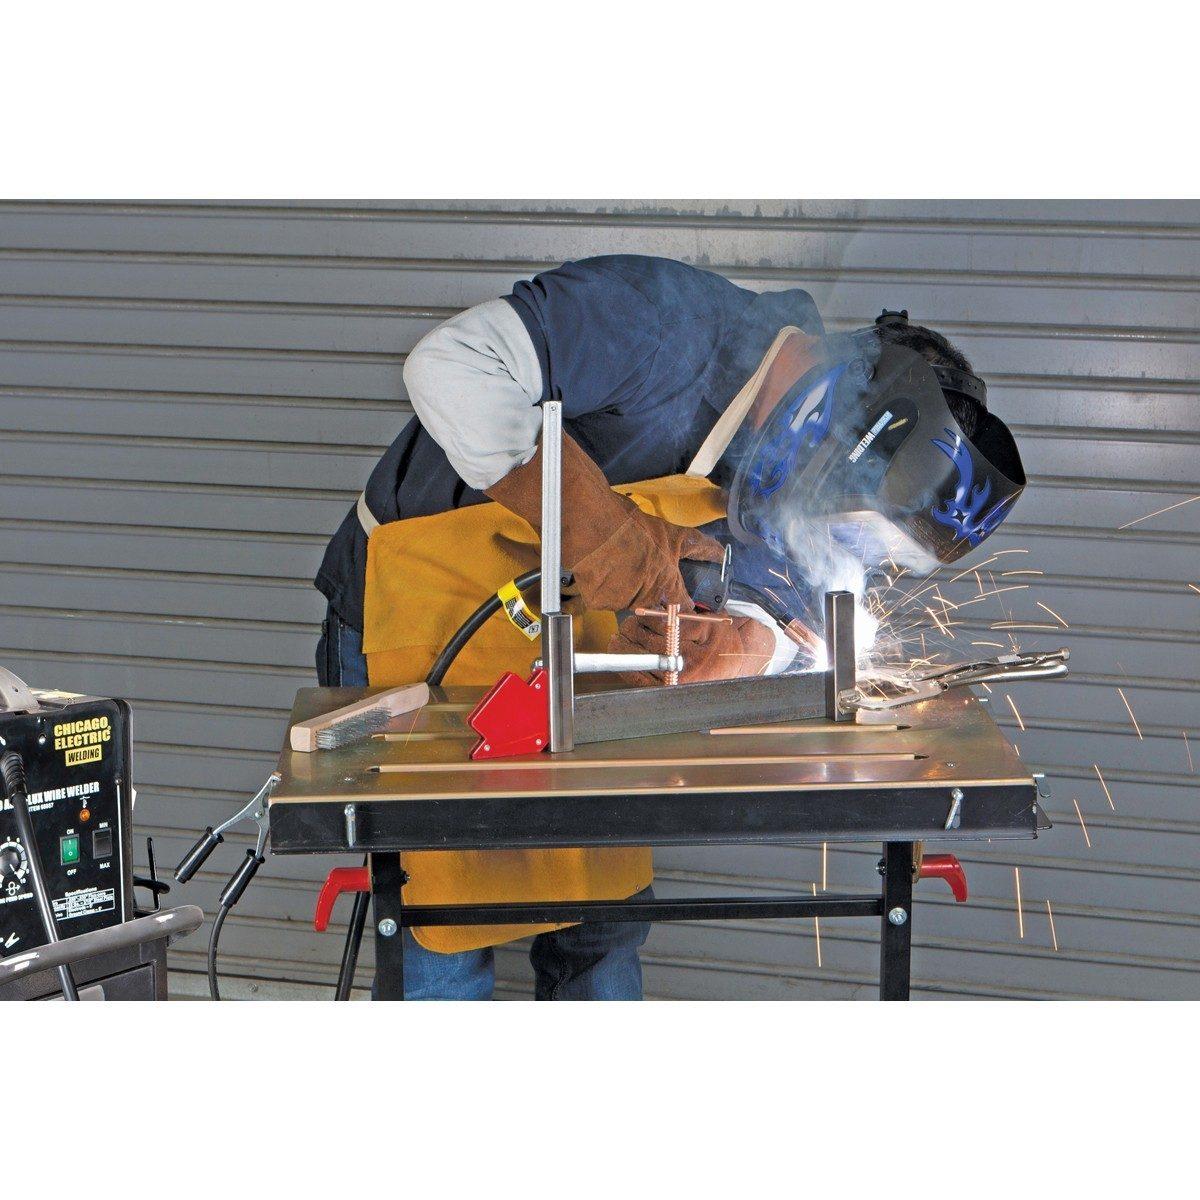 Mesa de trabajo de acero ajustable en niveles 2 780 for Mesa de trabajo precio